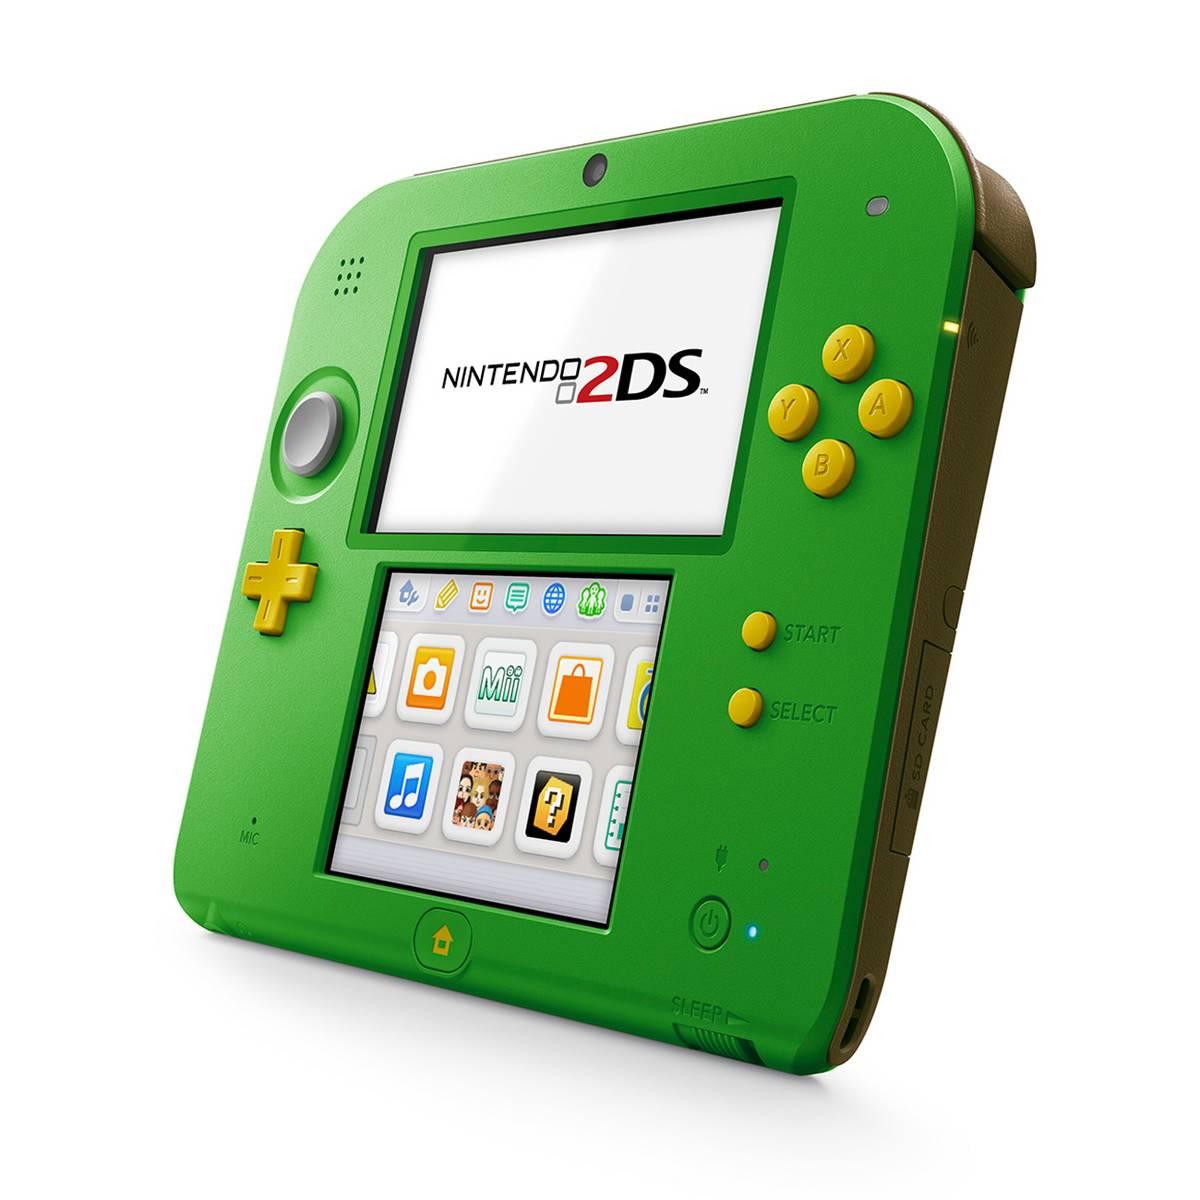 Nintendo 2Ds Verde + 50 Jogos 3D na Memória